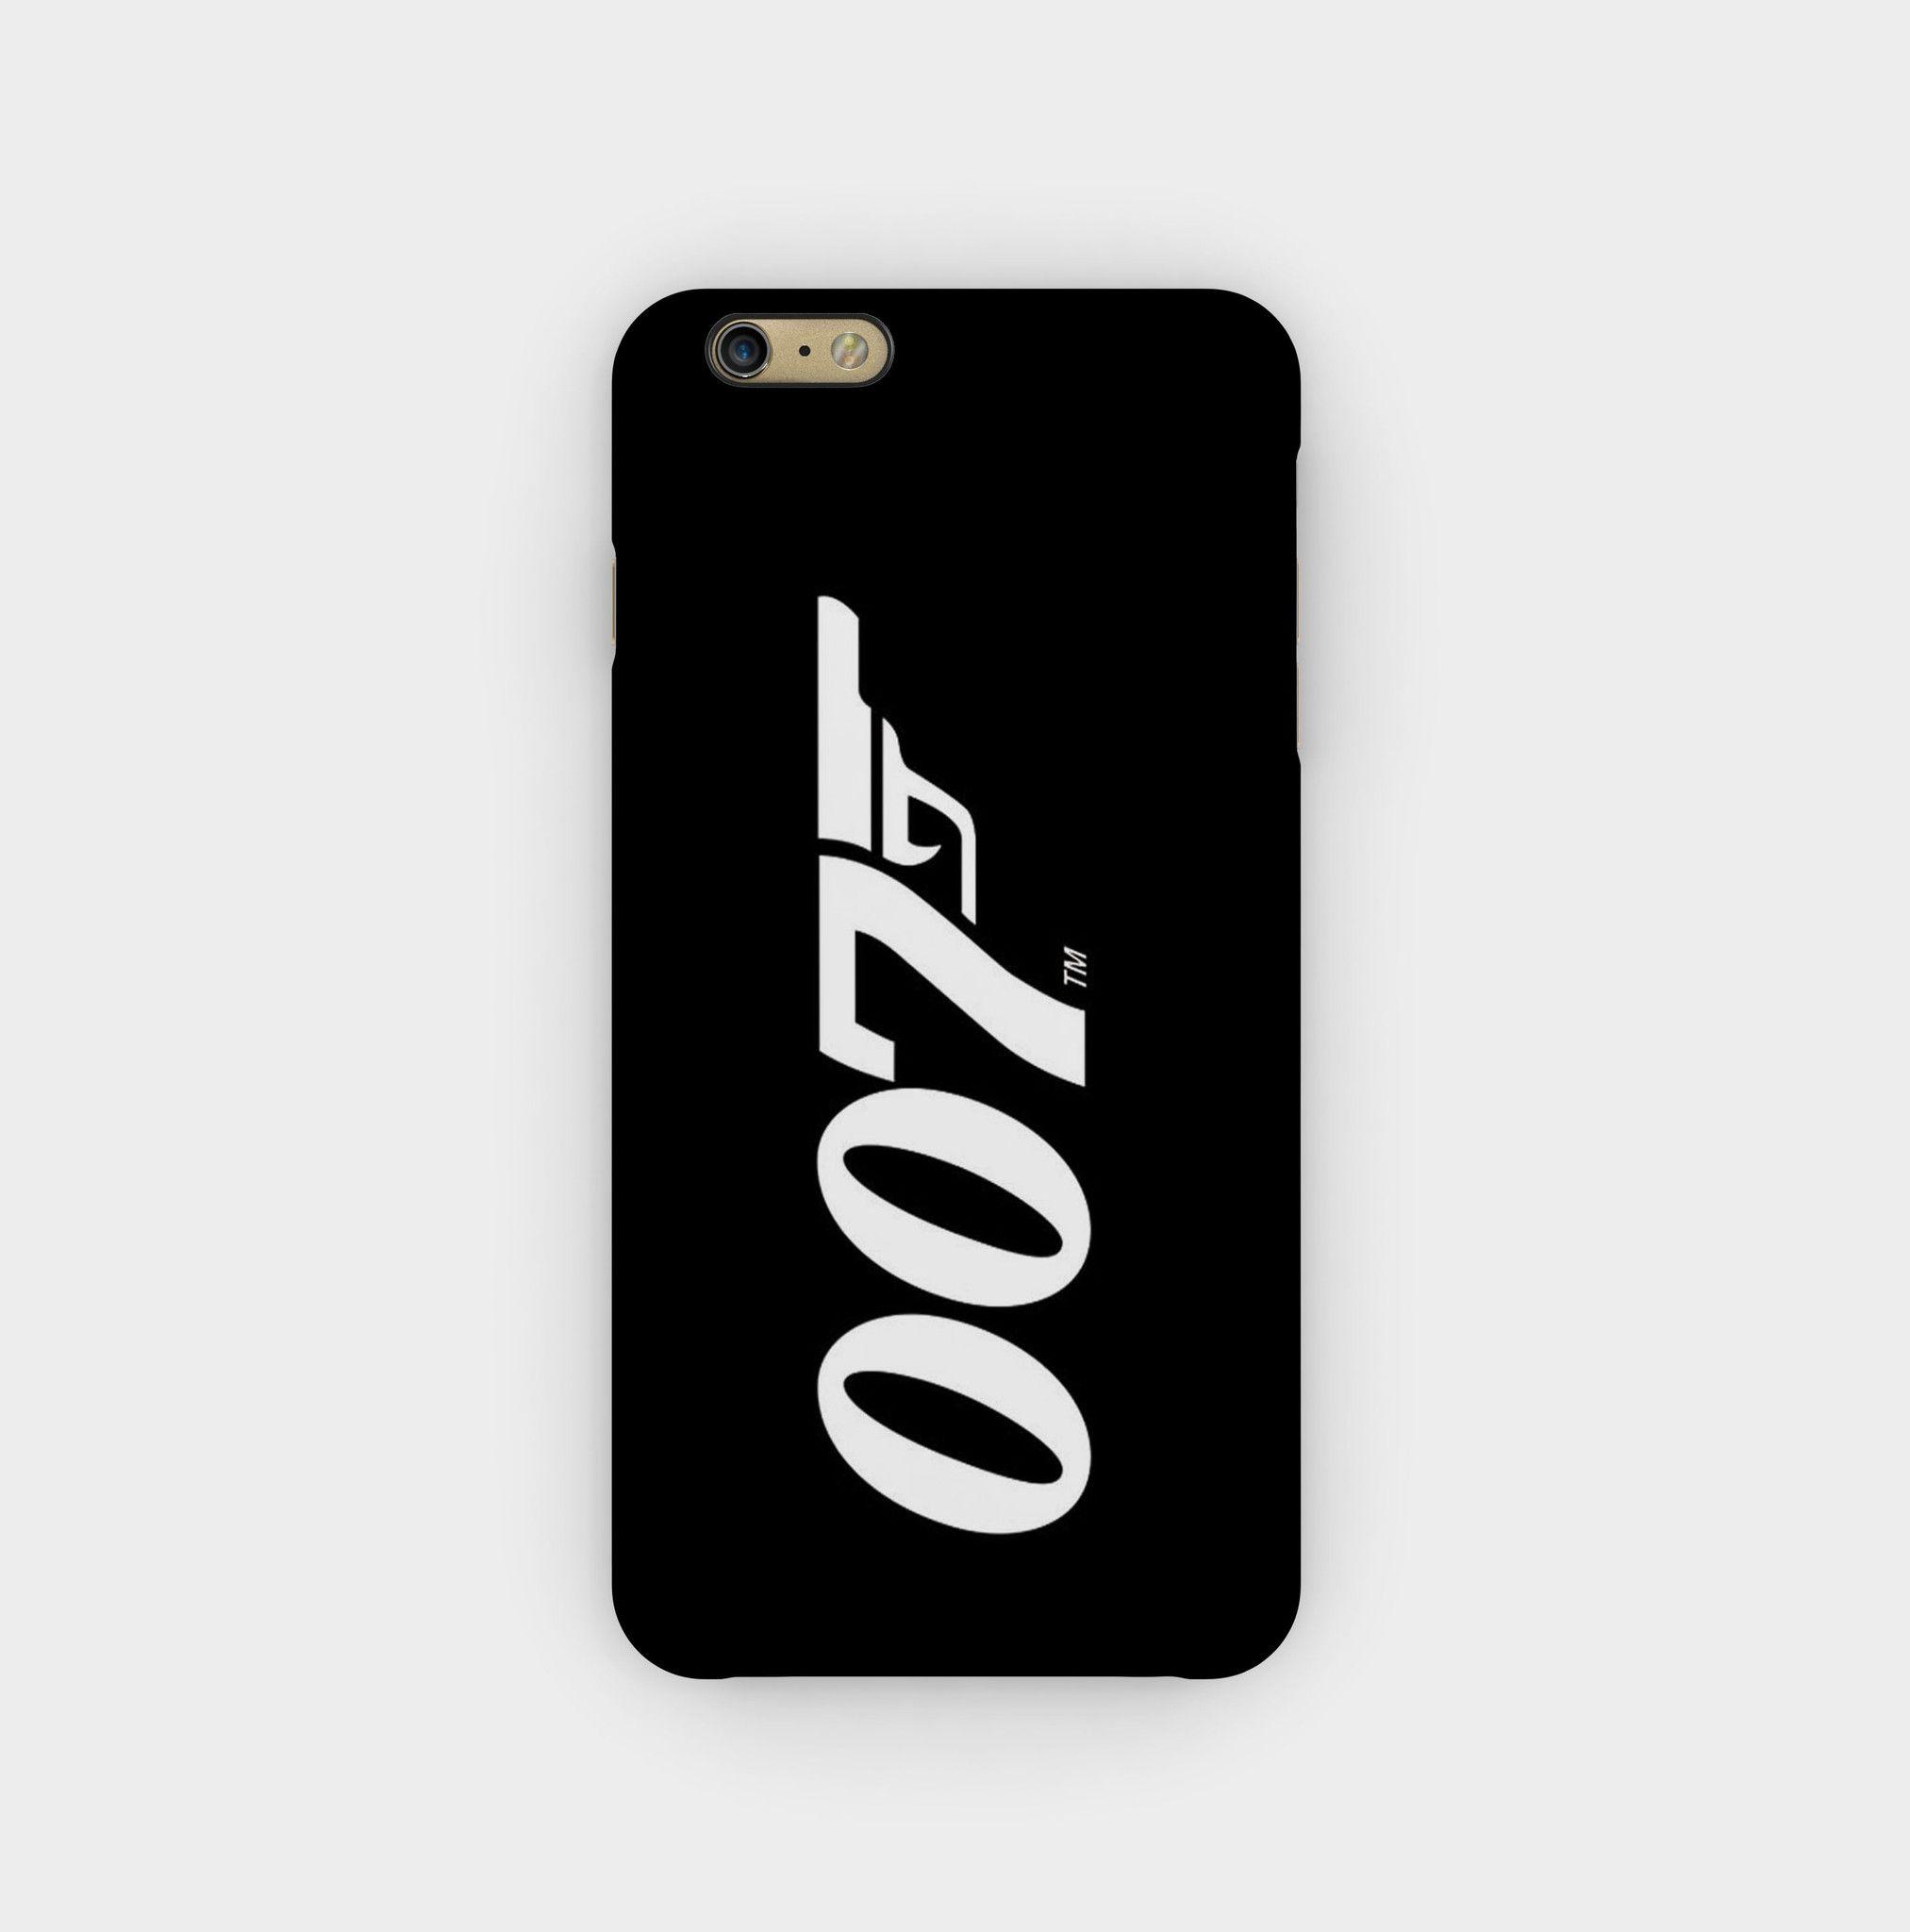 Buy 007 iphone 6s 6 plus case iphonecase iphone6case